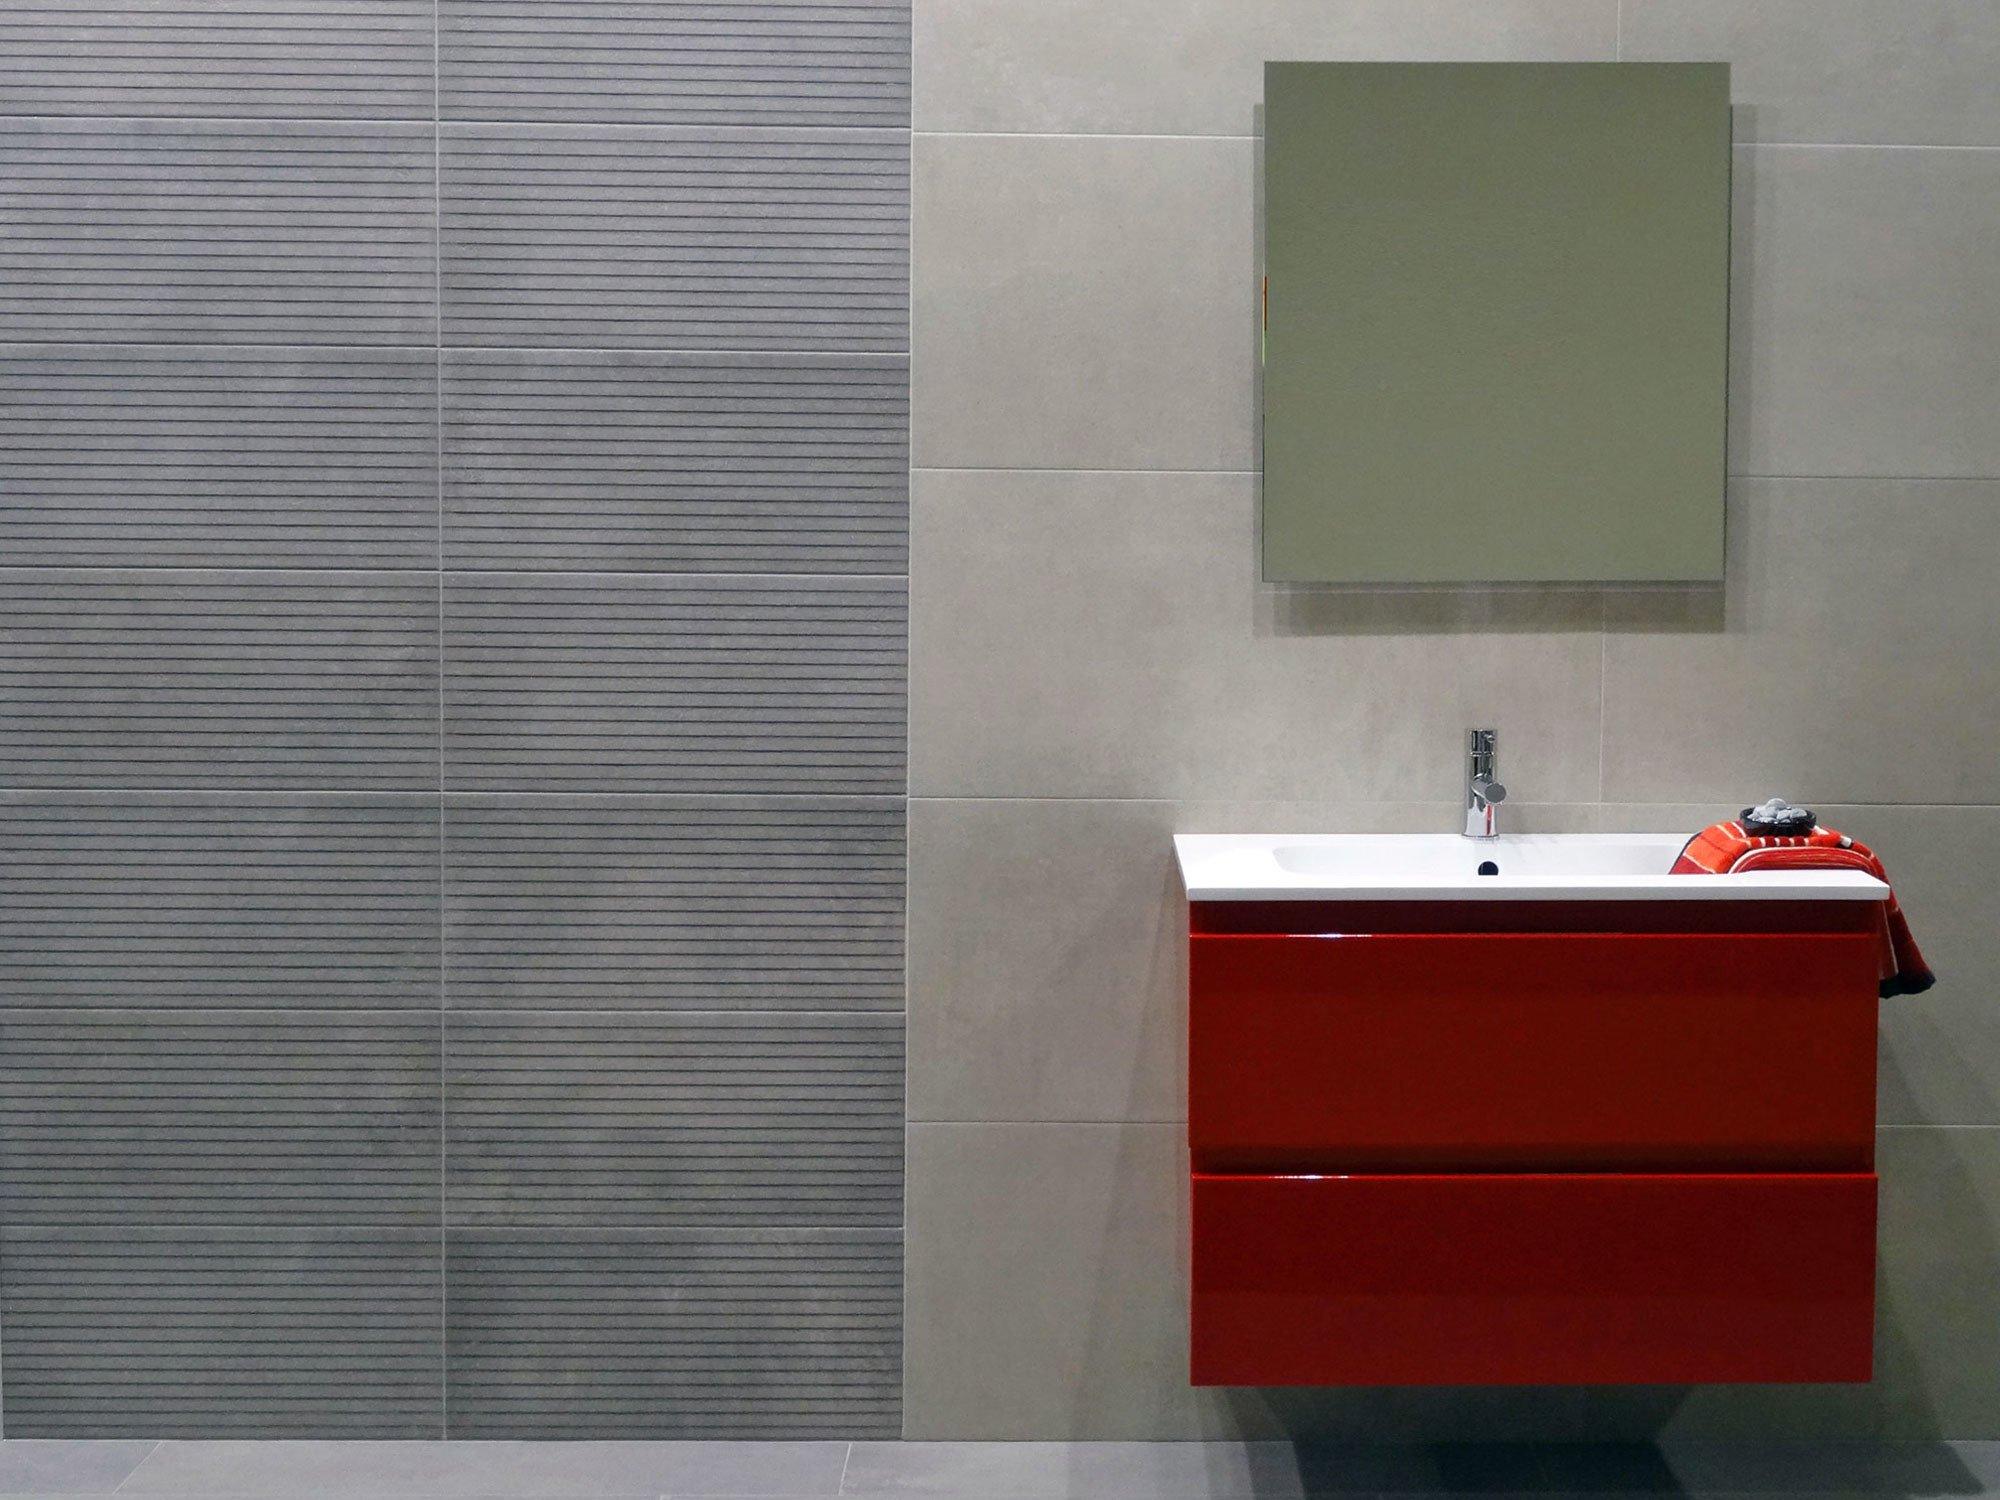 Elektroinstallation In Raumen Mit Badewanne Oder Dusche Elektro Elektroinstallation In Gebauden Baunetz Wissen